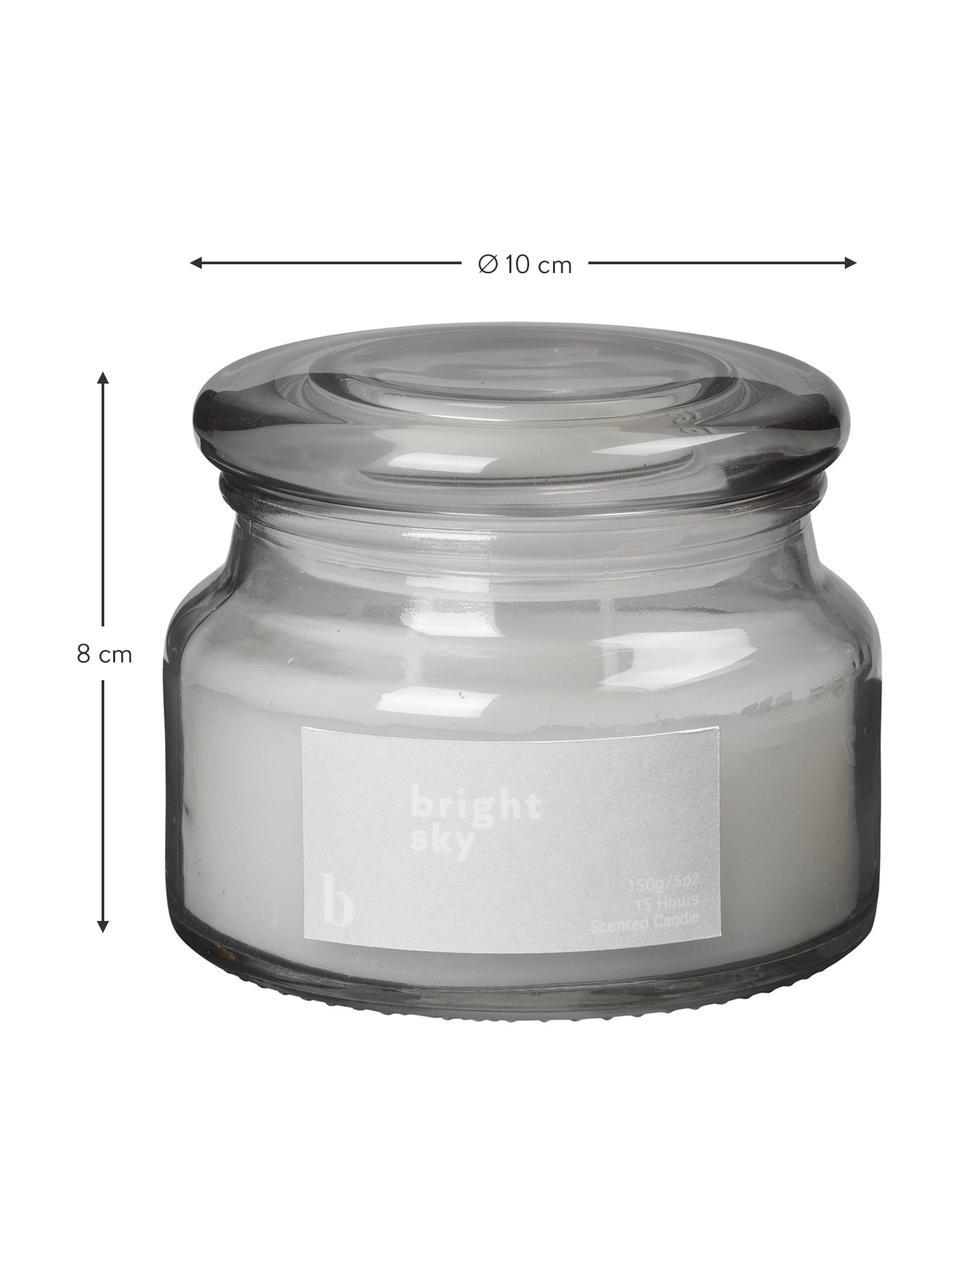 Geurkaars Bright Sky (bloemengeur), Houder: glas, Grijs, Ø 10 cm